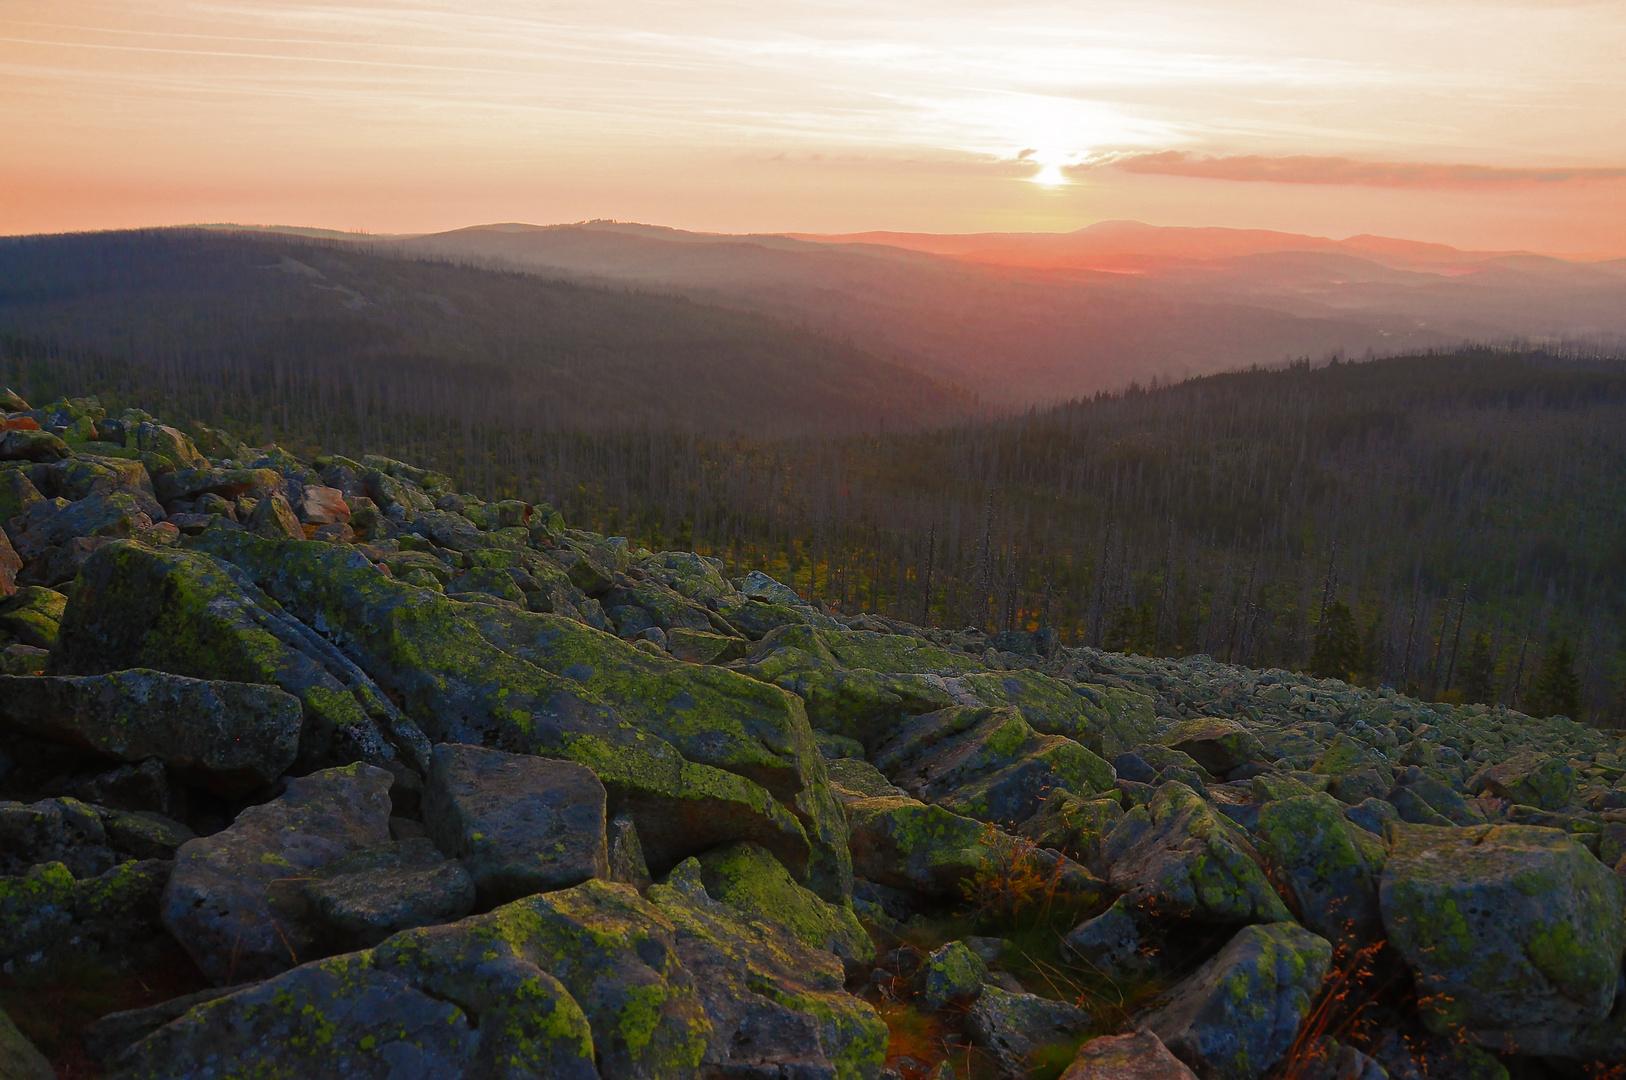 und nochmal: Sonnenaufgang auf dem Gipfel des Lusen, Bayerischer Wald